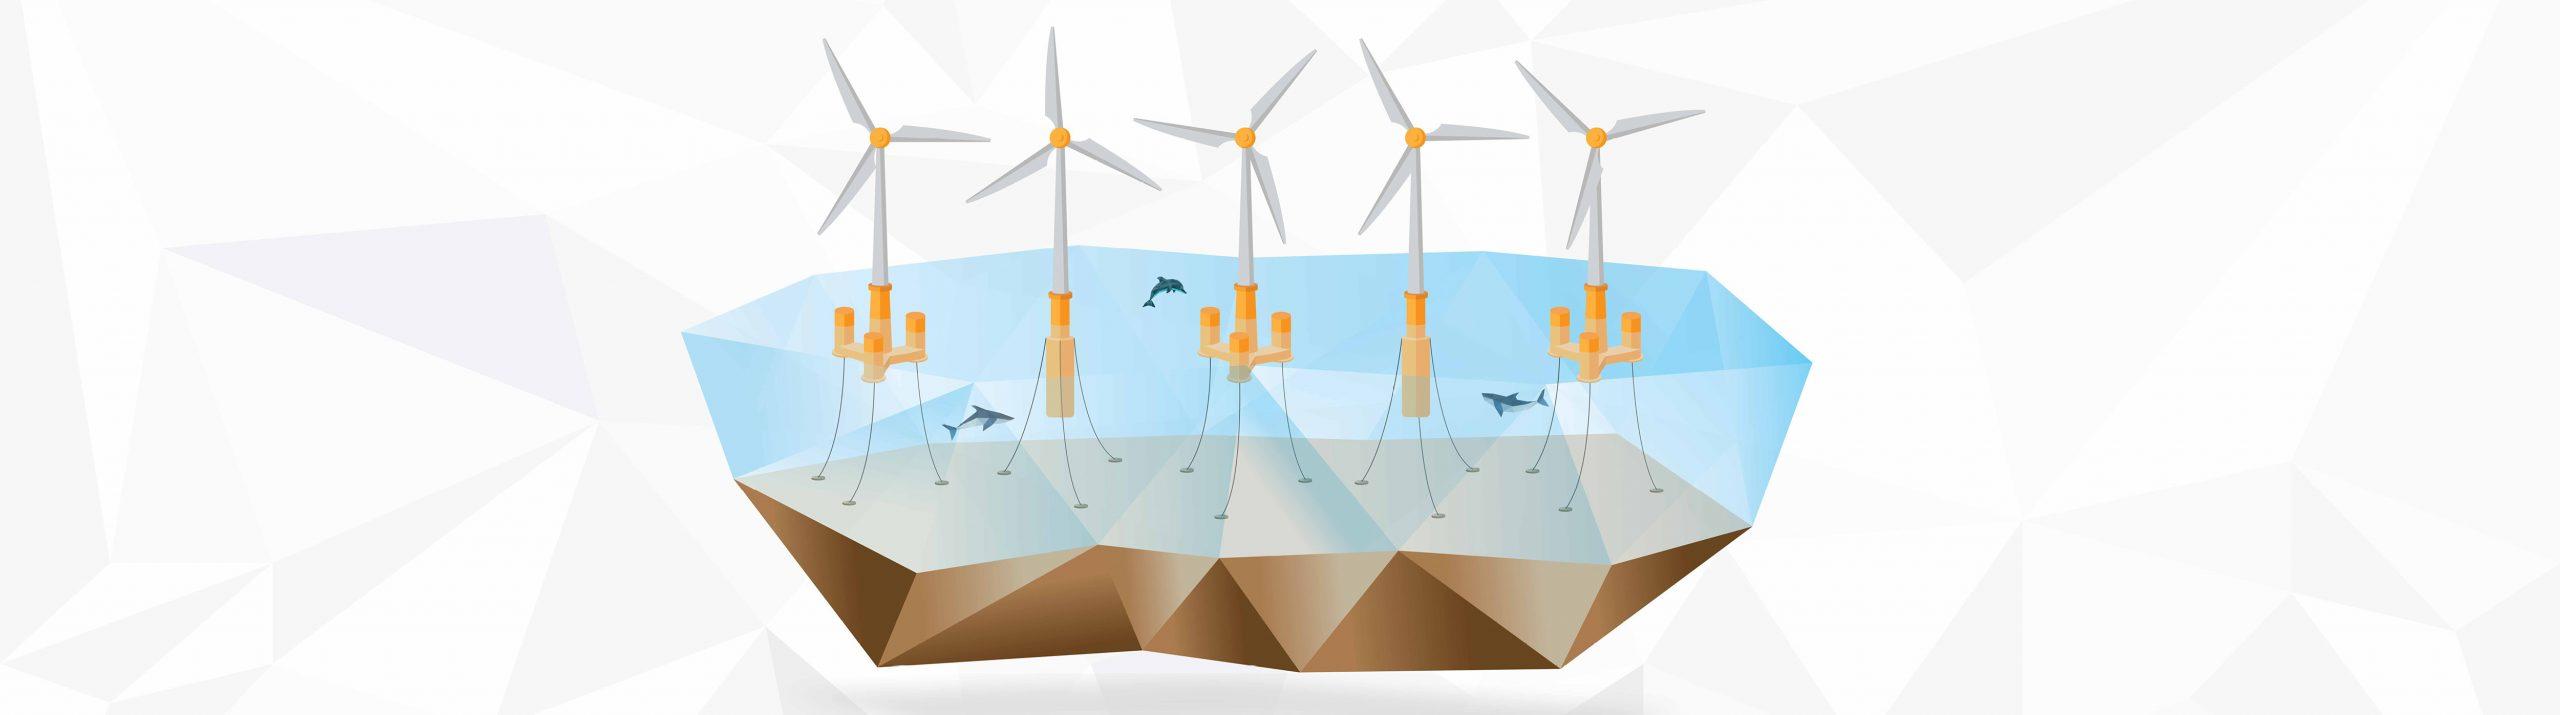 COREWIND: Mejorar el rendimiento de la tecnología eólica flotante en alta mar